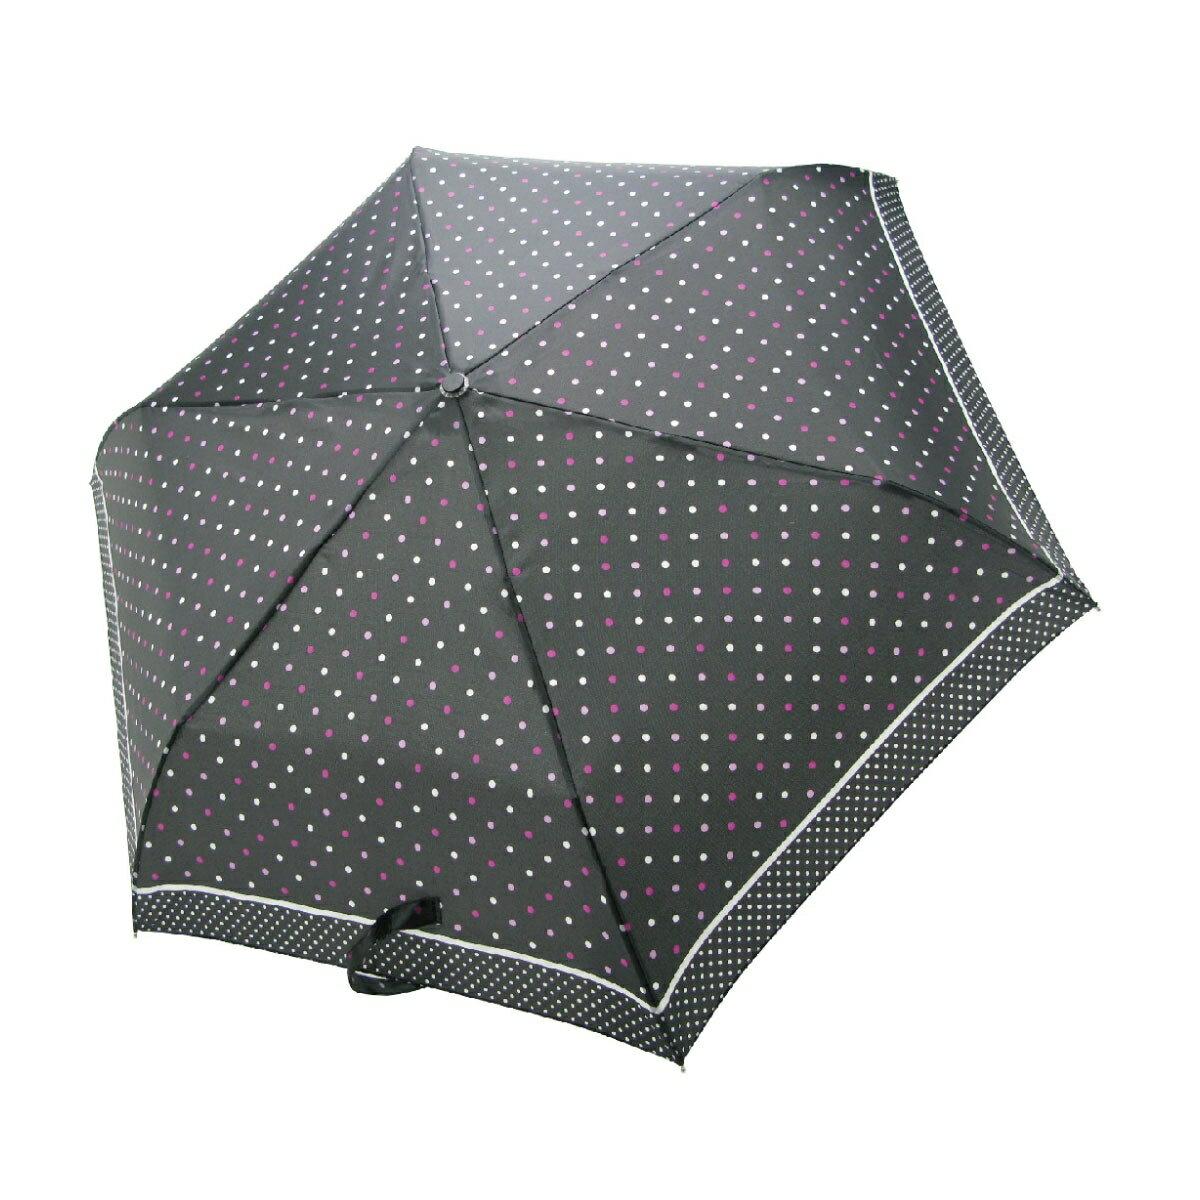 【iumbrella】晴雨兩用傘雨傘 折傘 圓點小彎勾-黑色巧克力